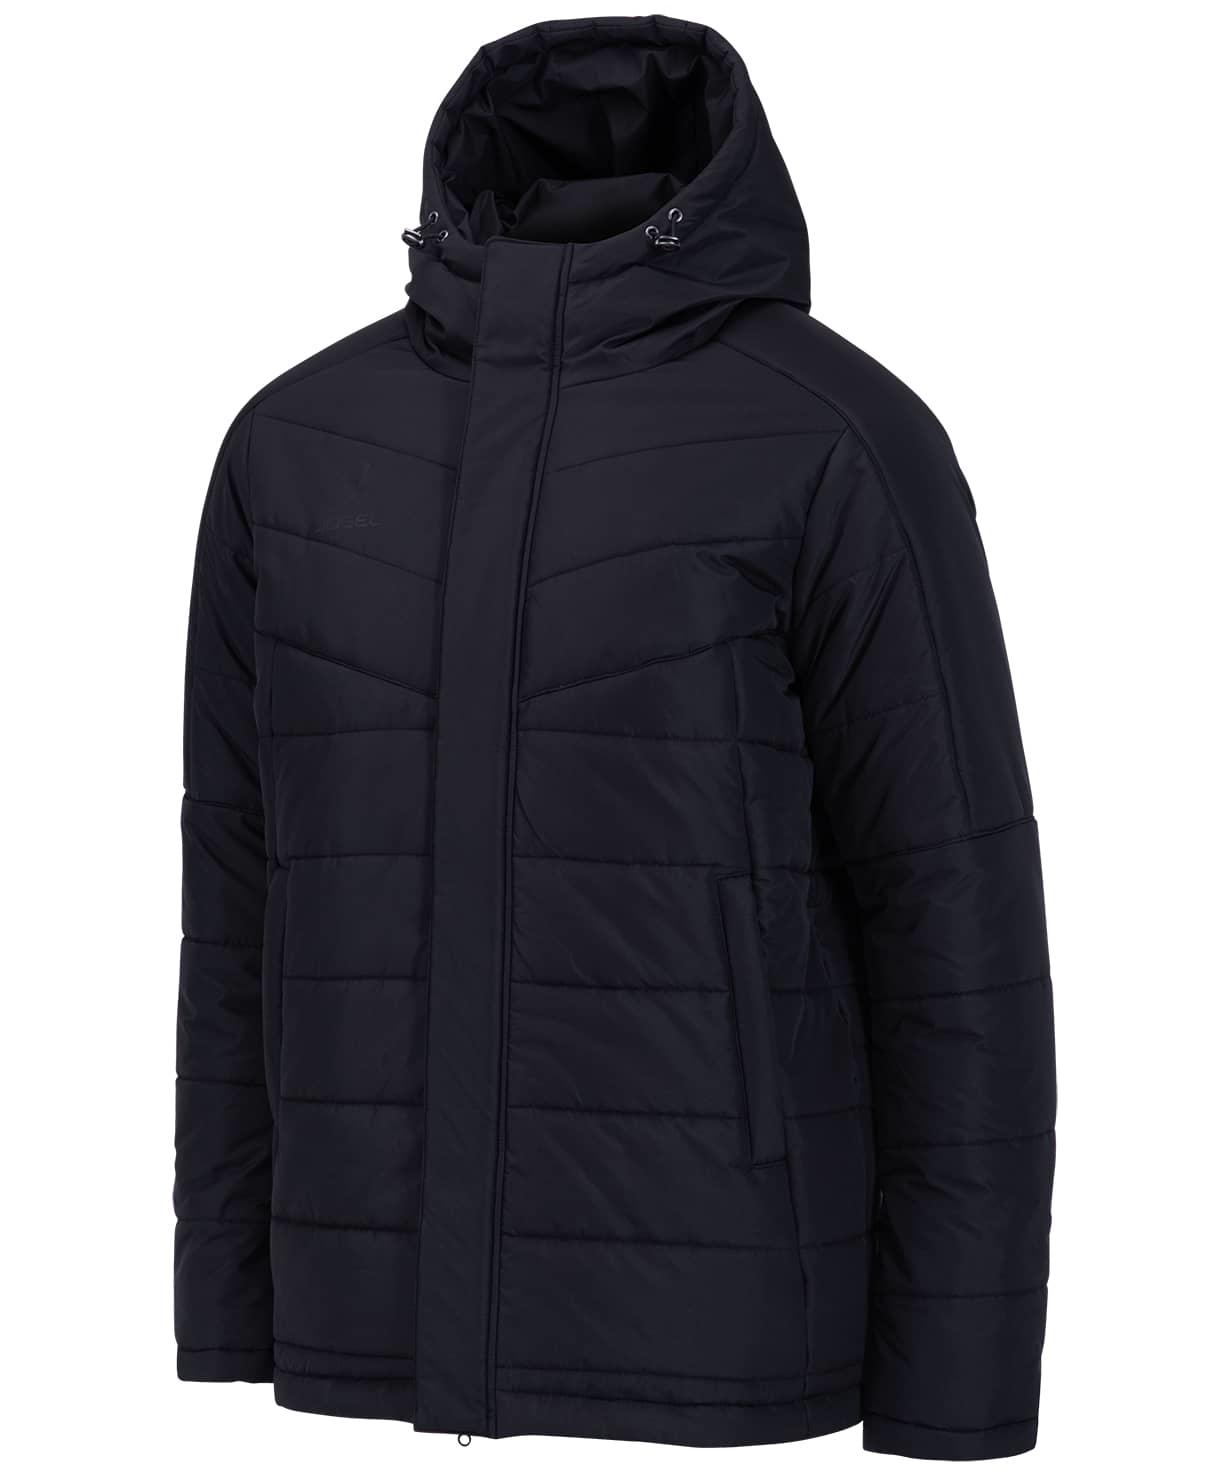 Куртка утепленная детская CAMP Padded Jacket, черный